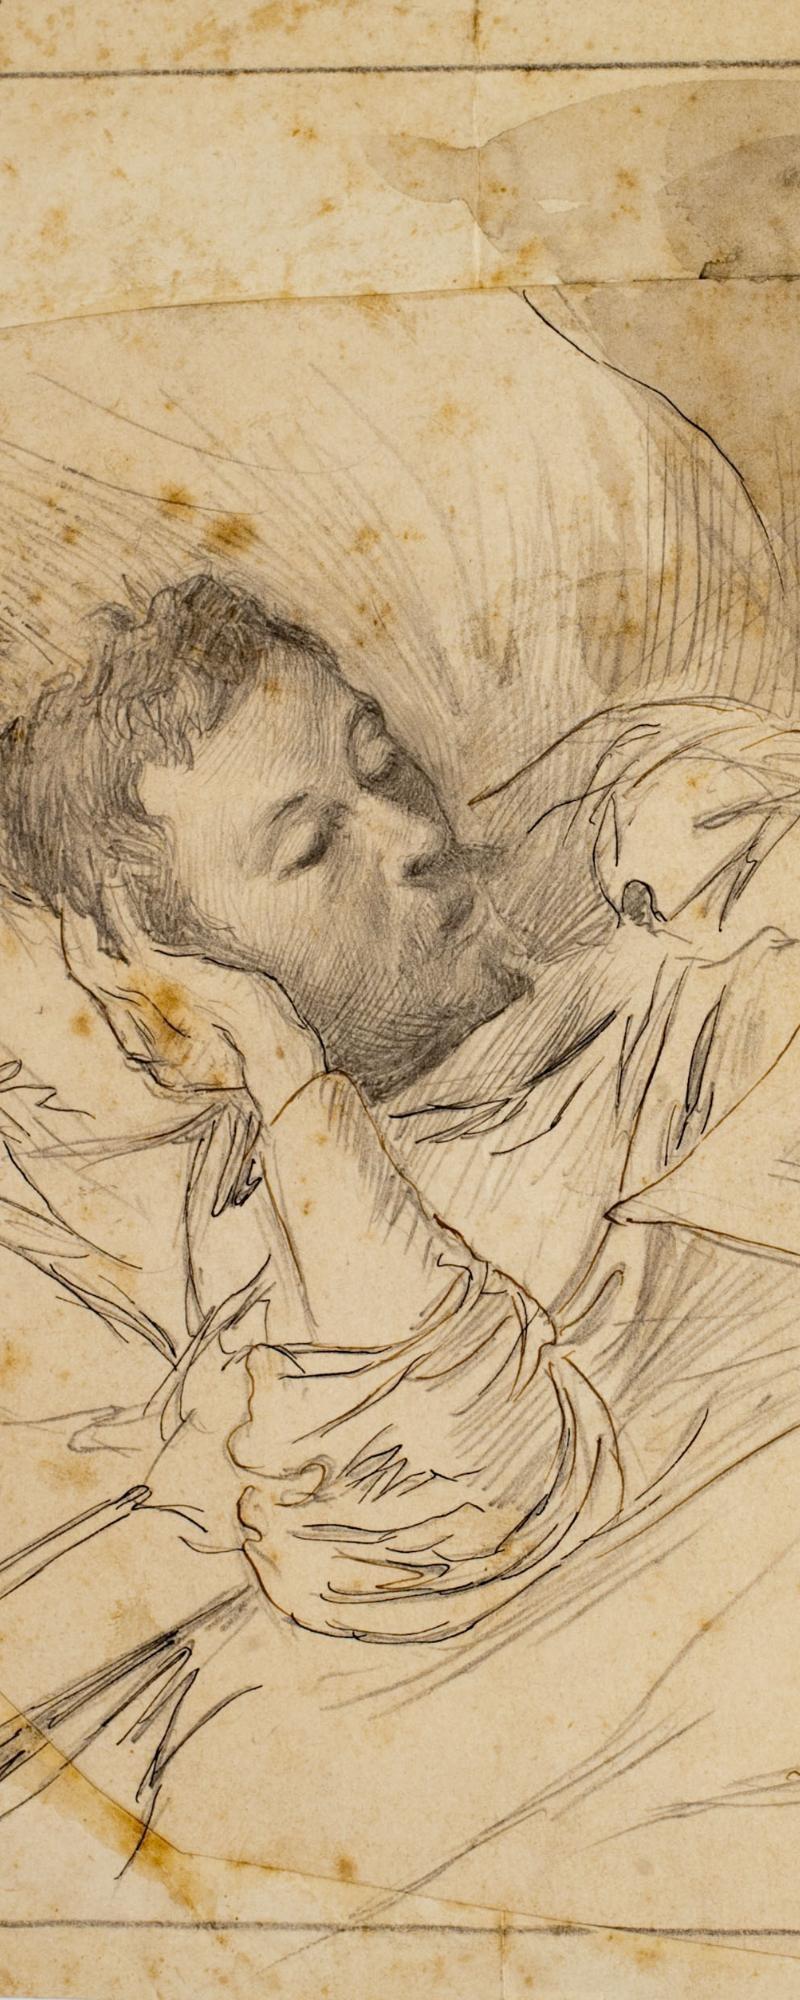 Museu Nacional d'Art de Catalunya | Pintura d'història versus crònica d'actualitat